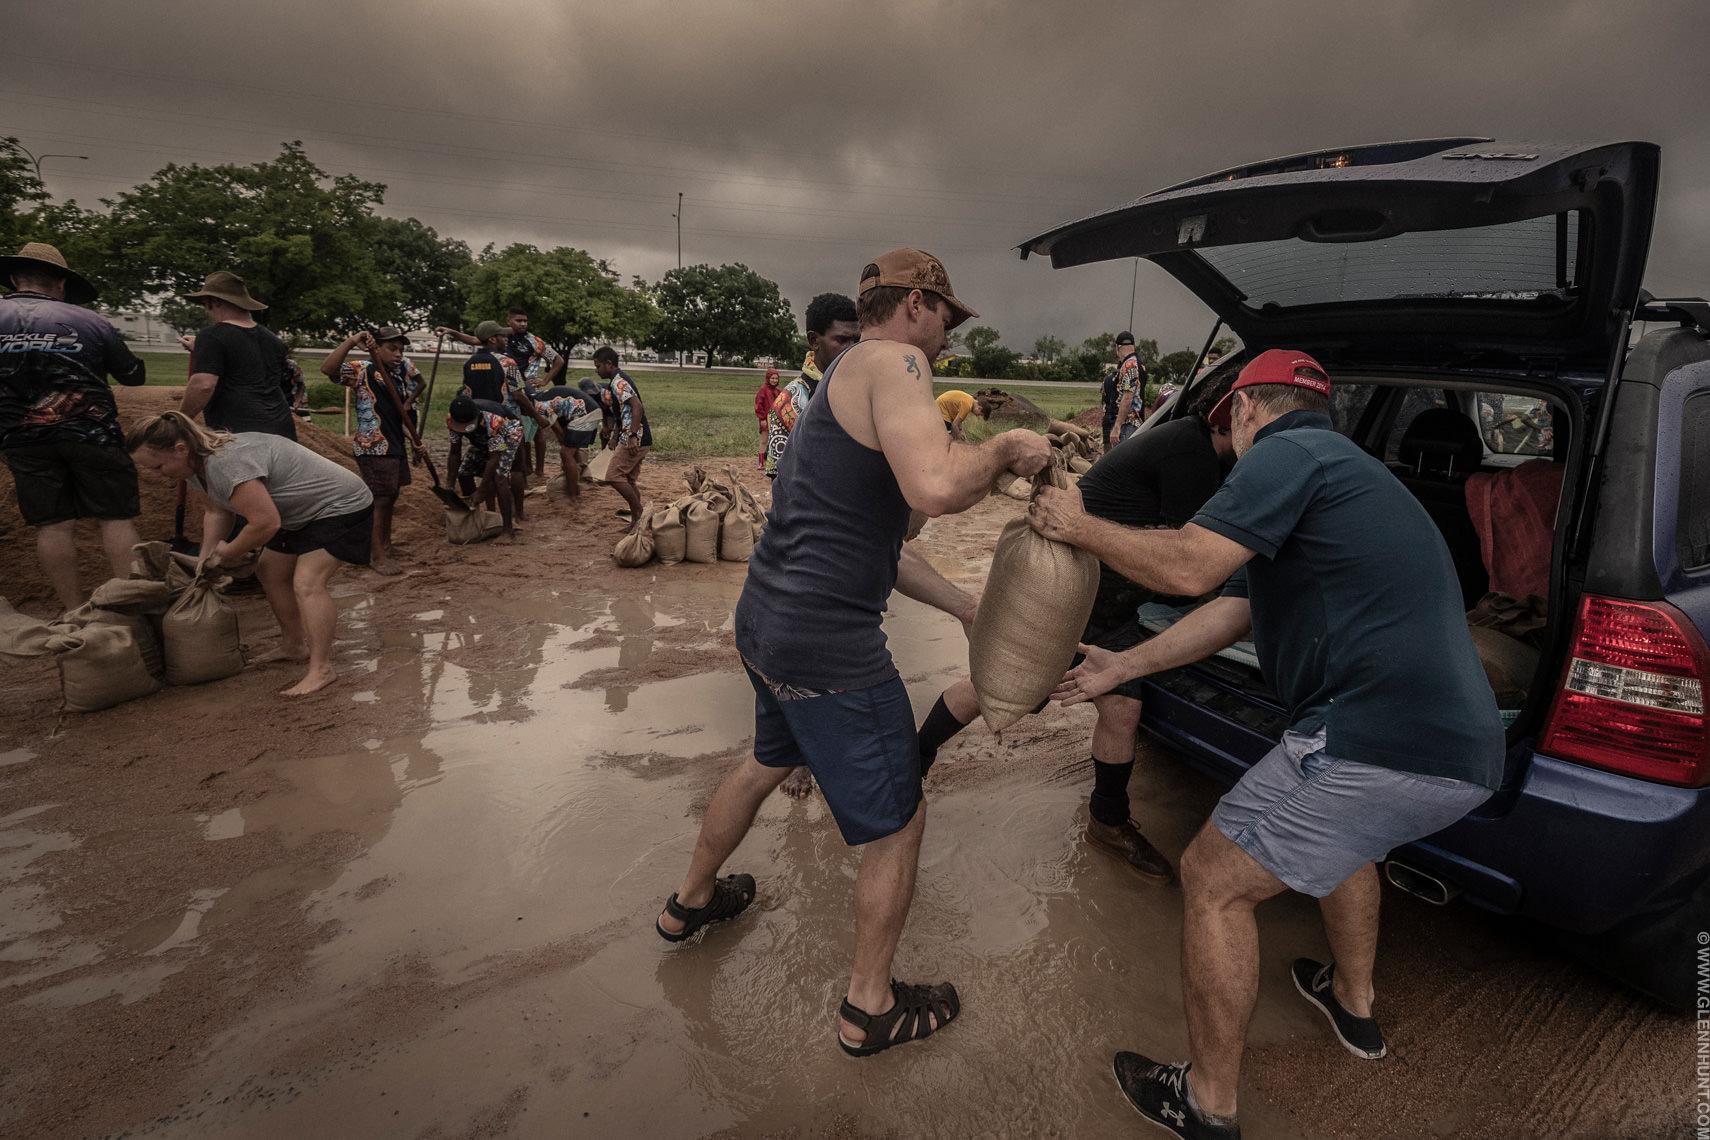 Townsville Sandbagging